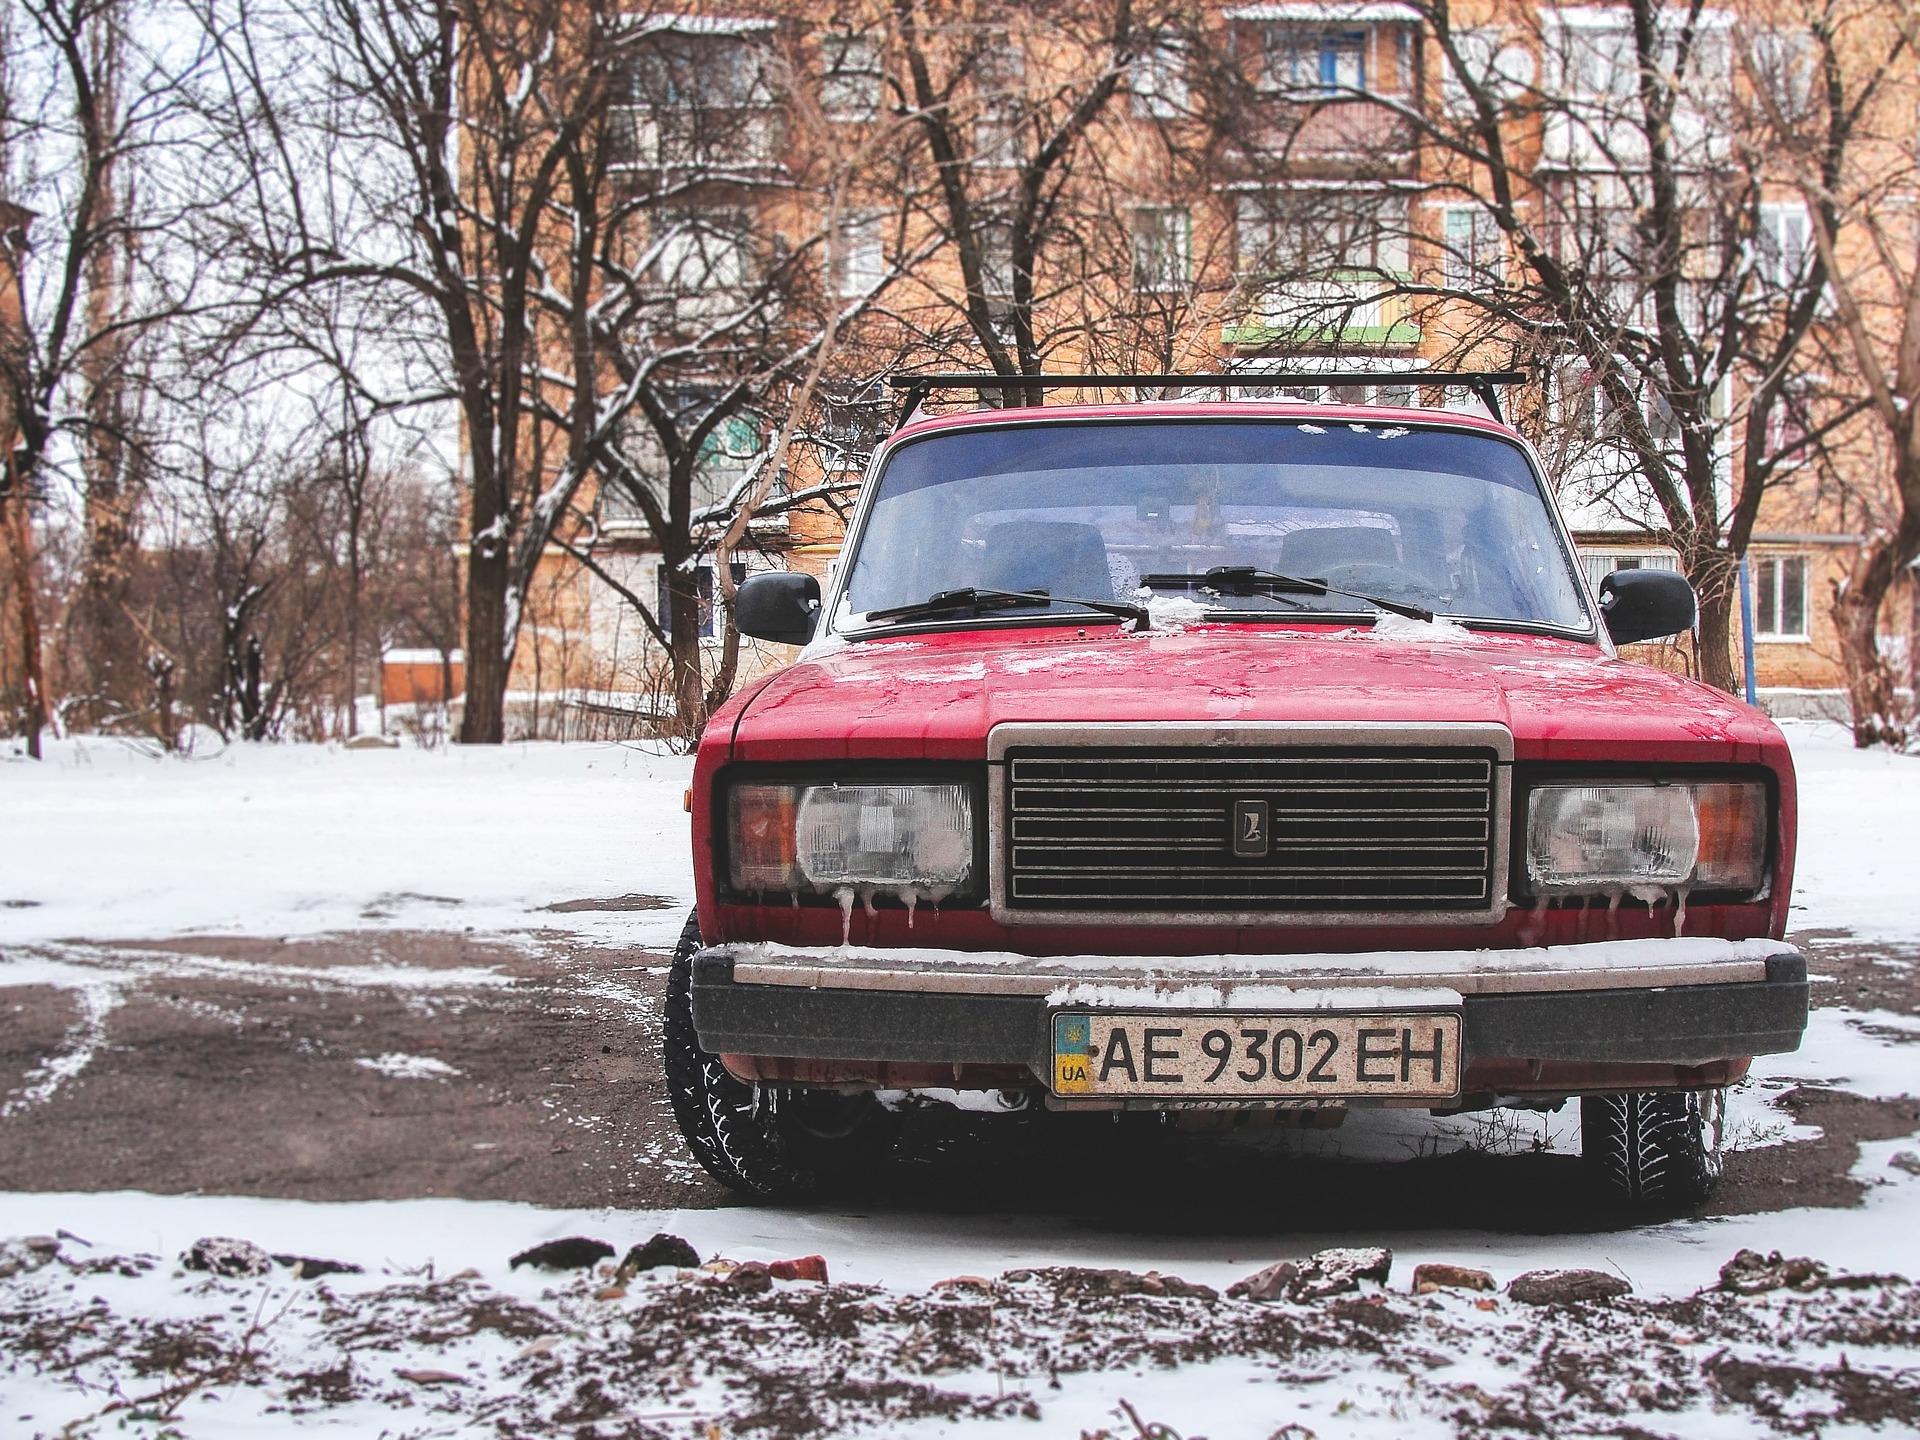 Ennyi Lada, Trabant, Wartburg, Skoda, Polski Fiat és UAZ van az utakon